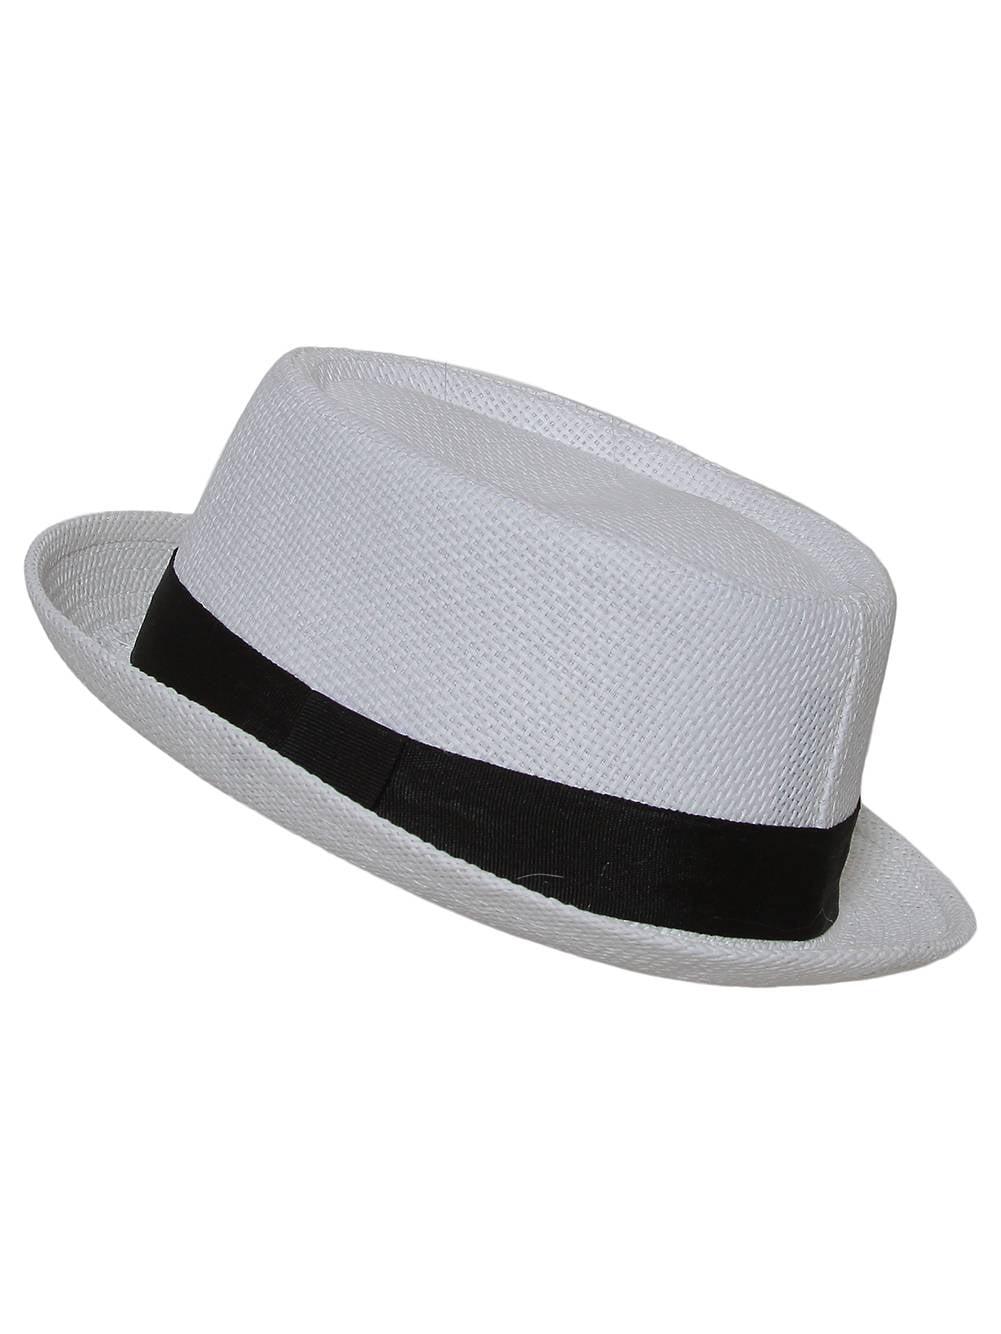 Mens Straw Hats Walmart 2217fc3df6d